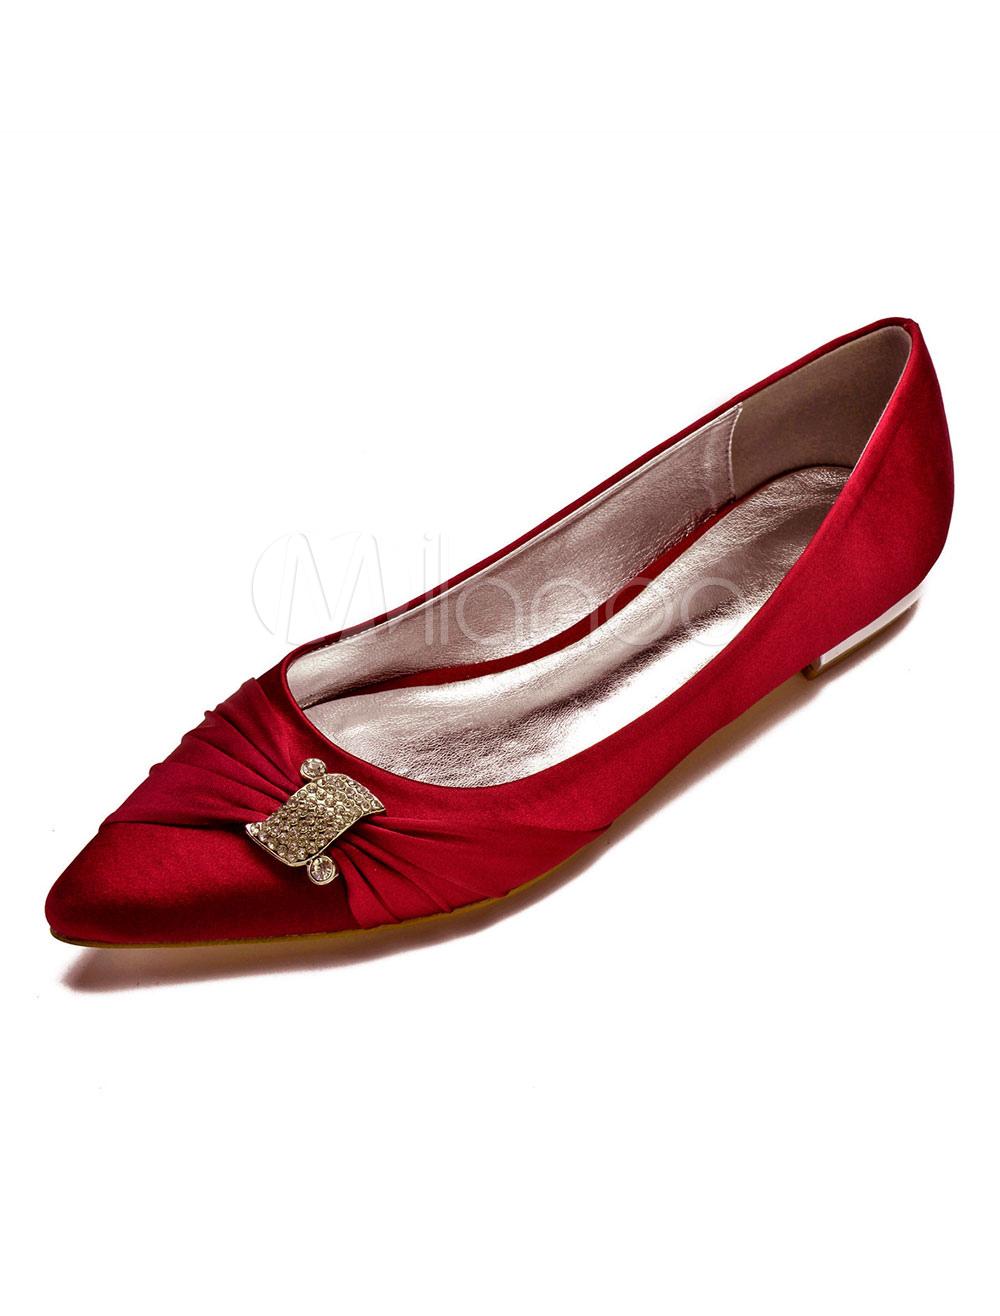 choisir le dernier Livraison gratuite dans le monde entier fournisseur officiel Mère de la mariée chaussures chaussures de mariage blanc invité chaussures  bout pointu strass chaussures de mariée plates